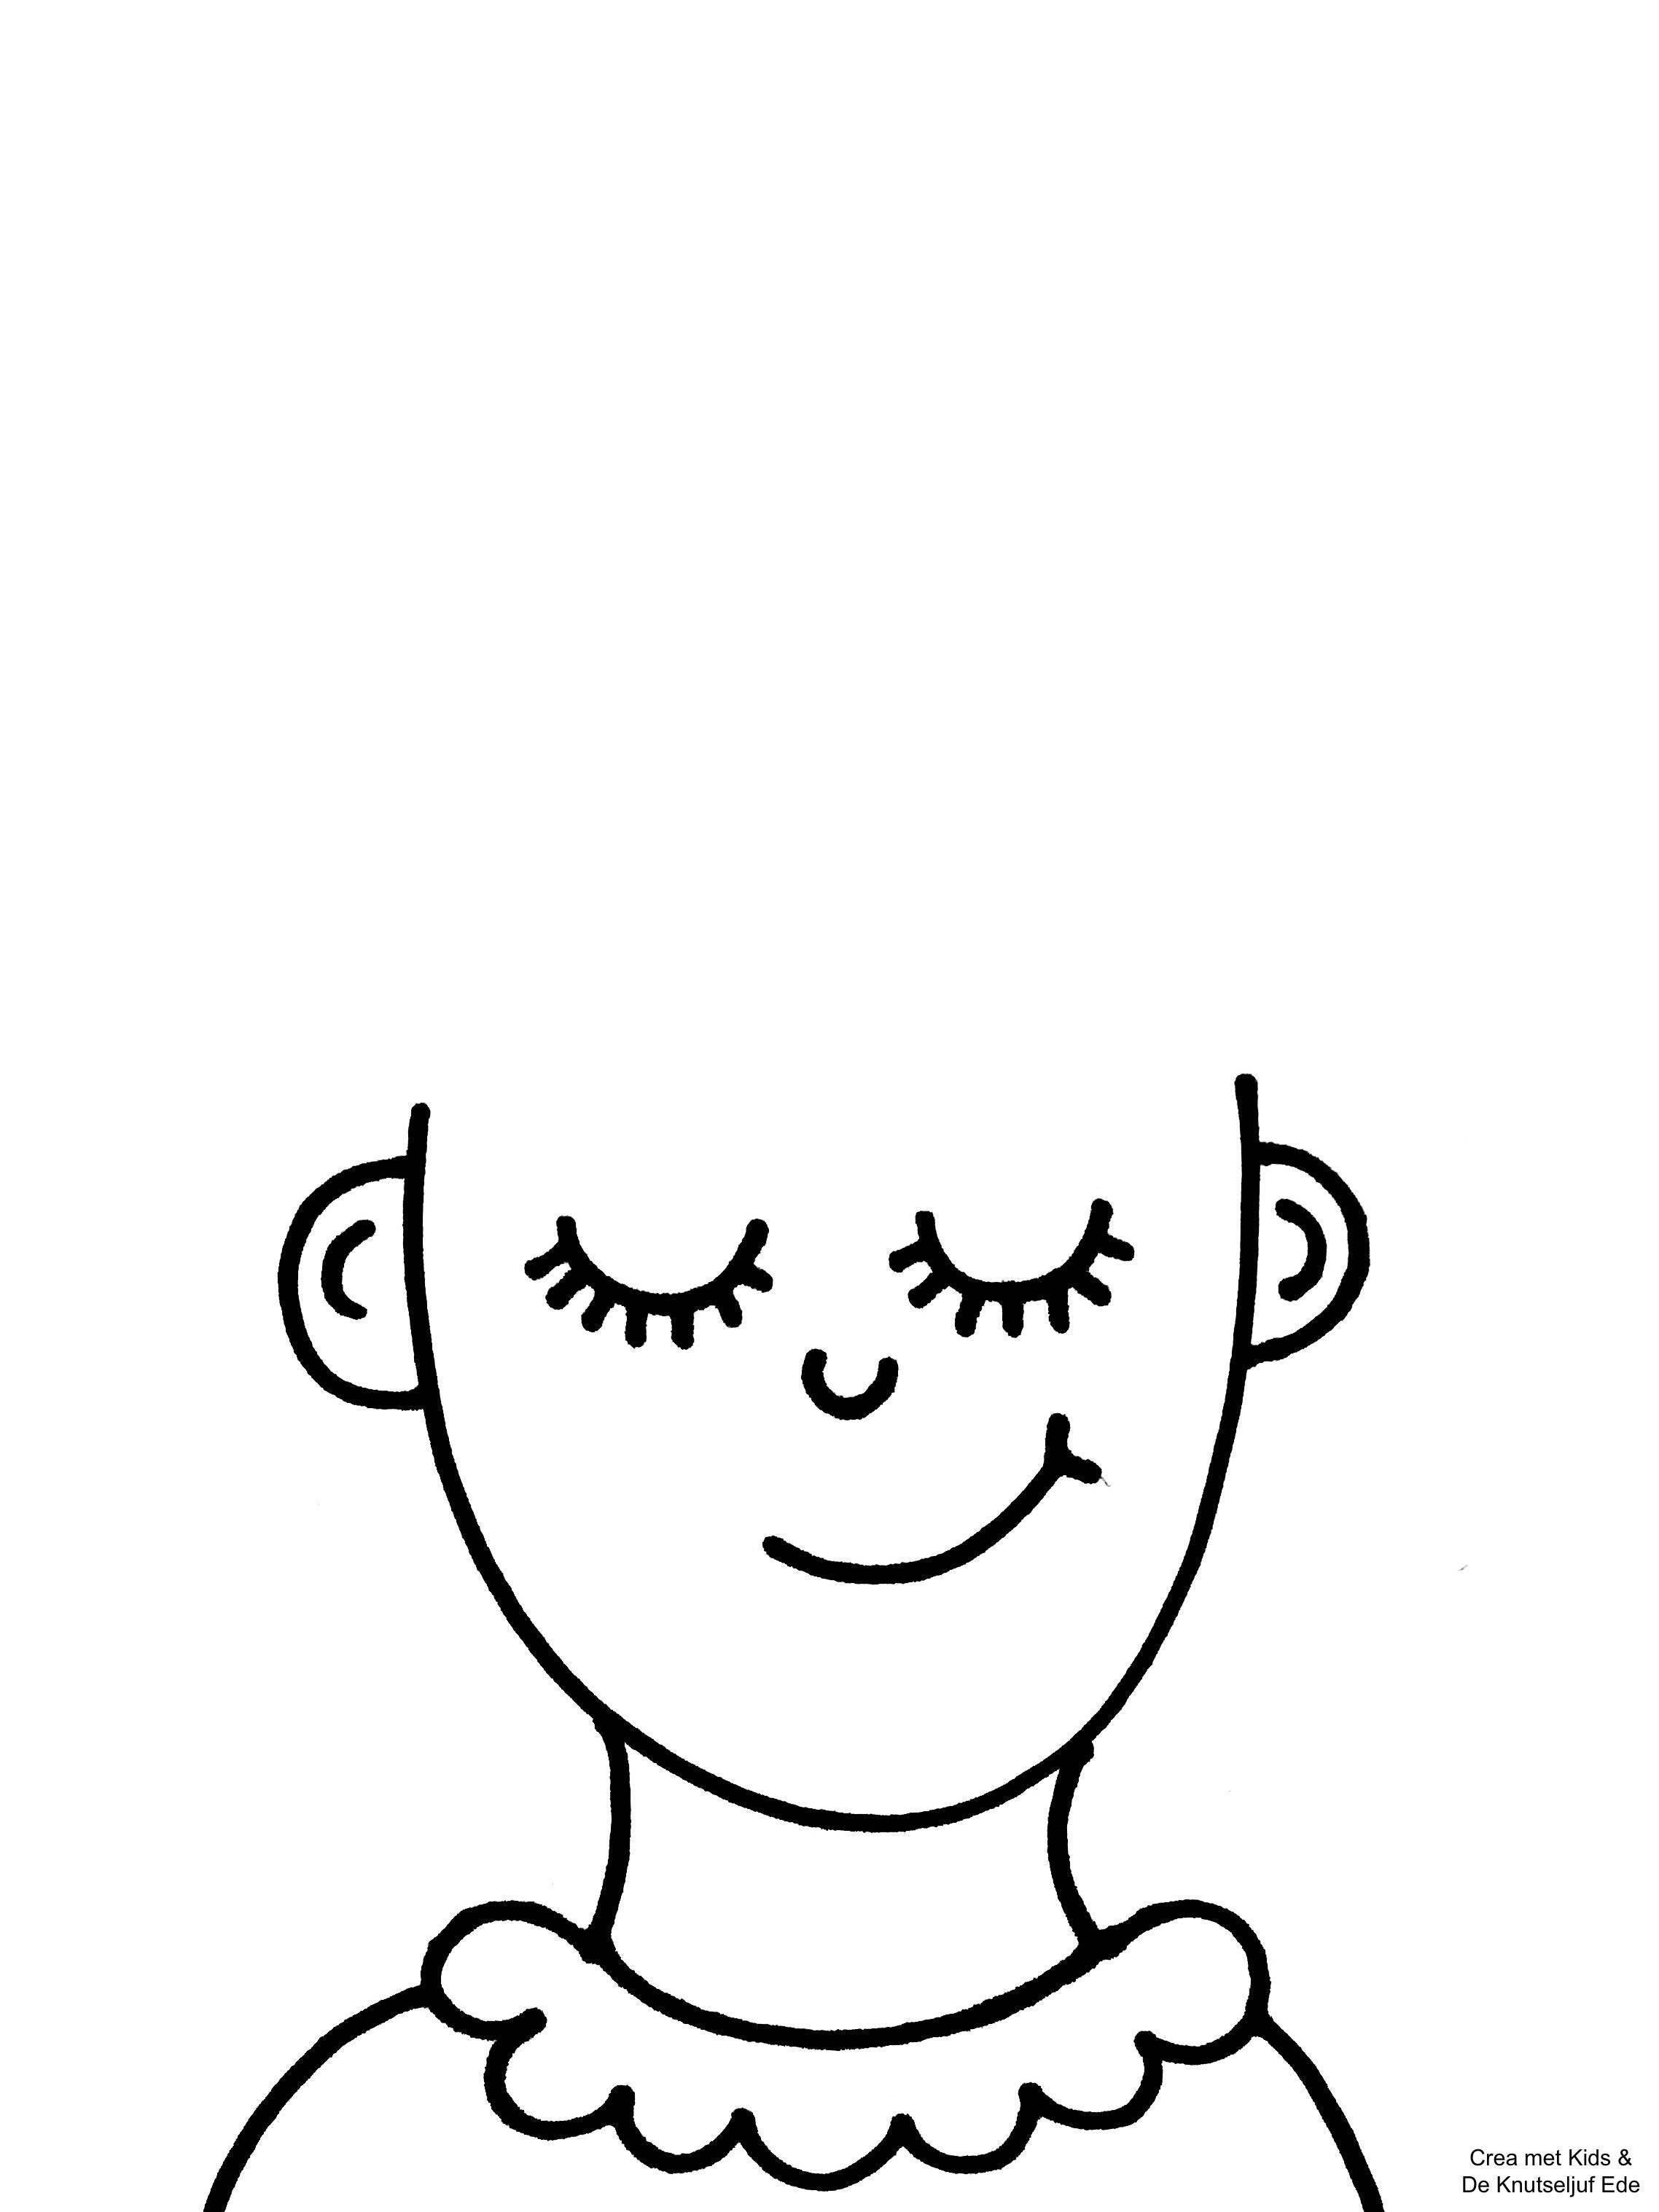 Kleurplaten Waar Is Mijn Haar Kleurplaten Kleurplaat Tekeningen Tekening Crea Met Kids Knutselen Thema Beroepen Kleurplaten Knutselen Voor Kinderen